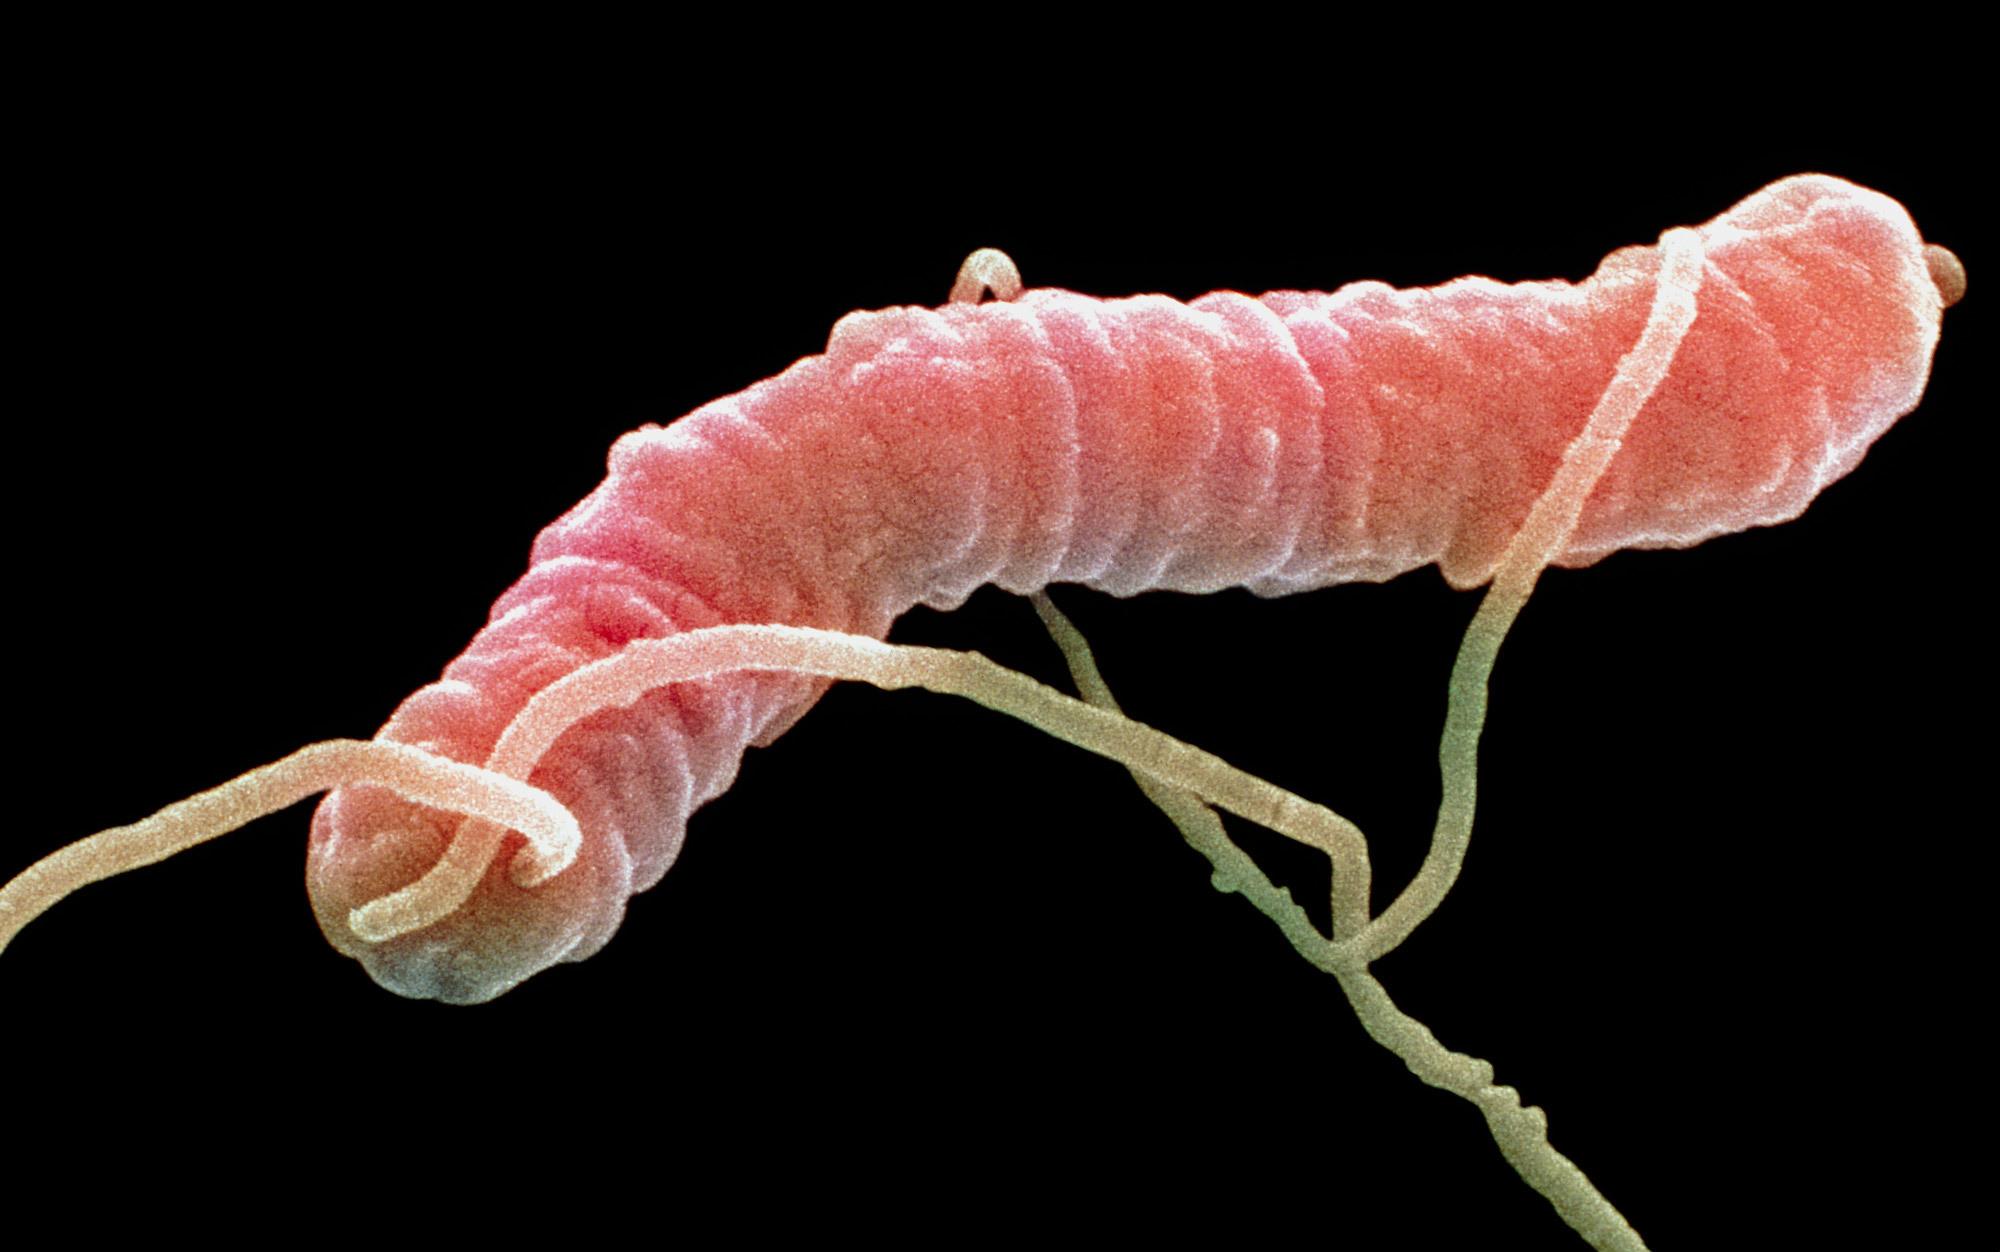 Microbes have no morals   Aeon